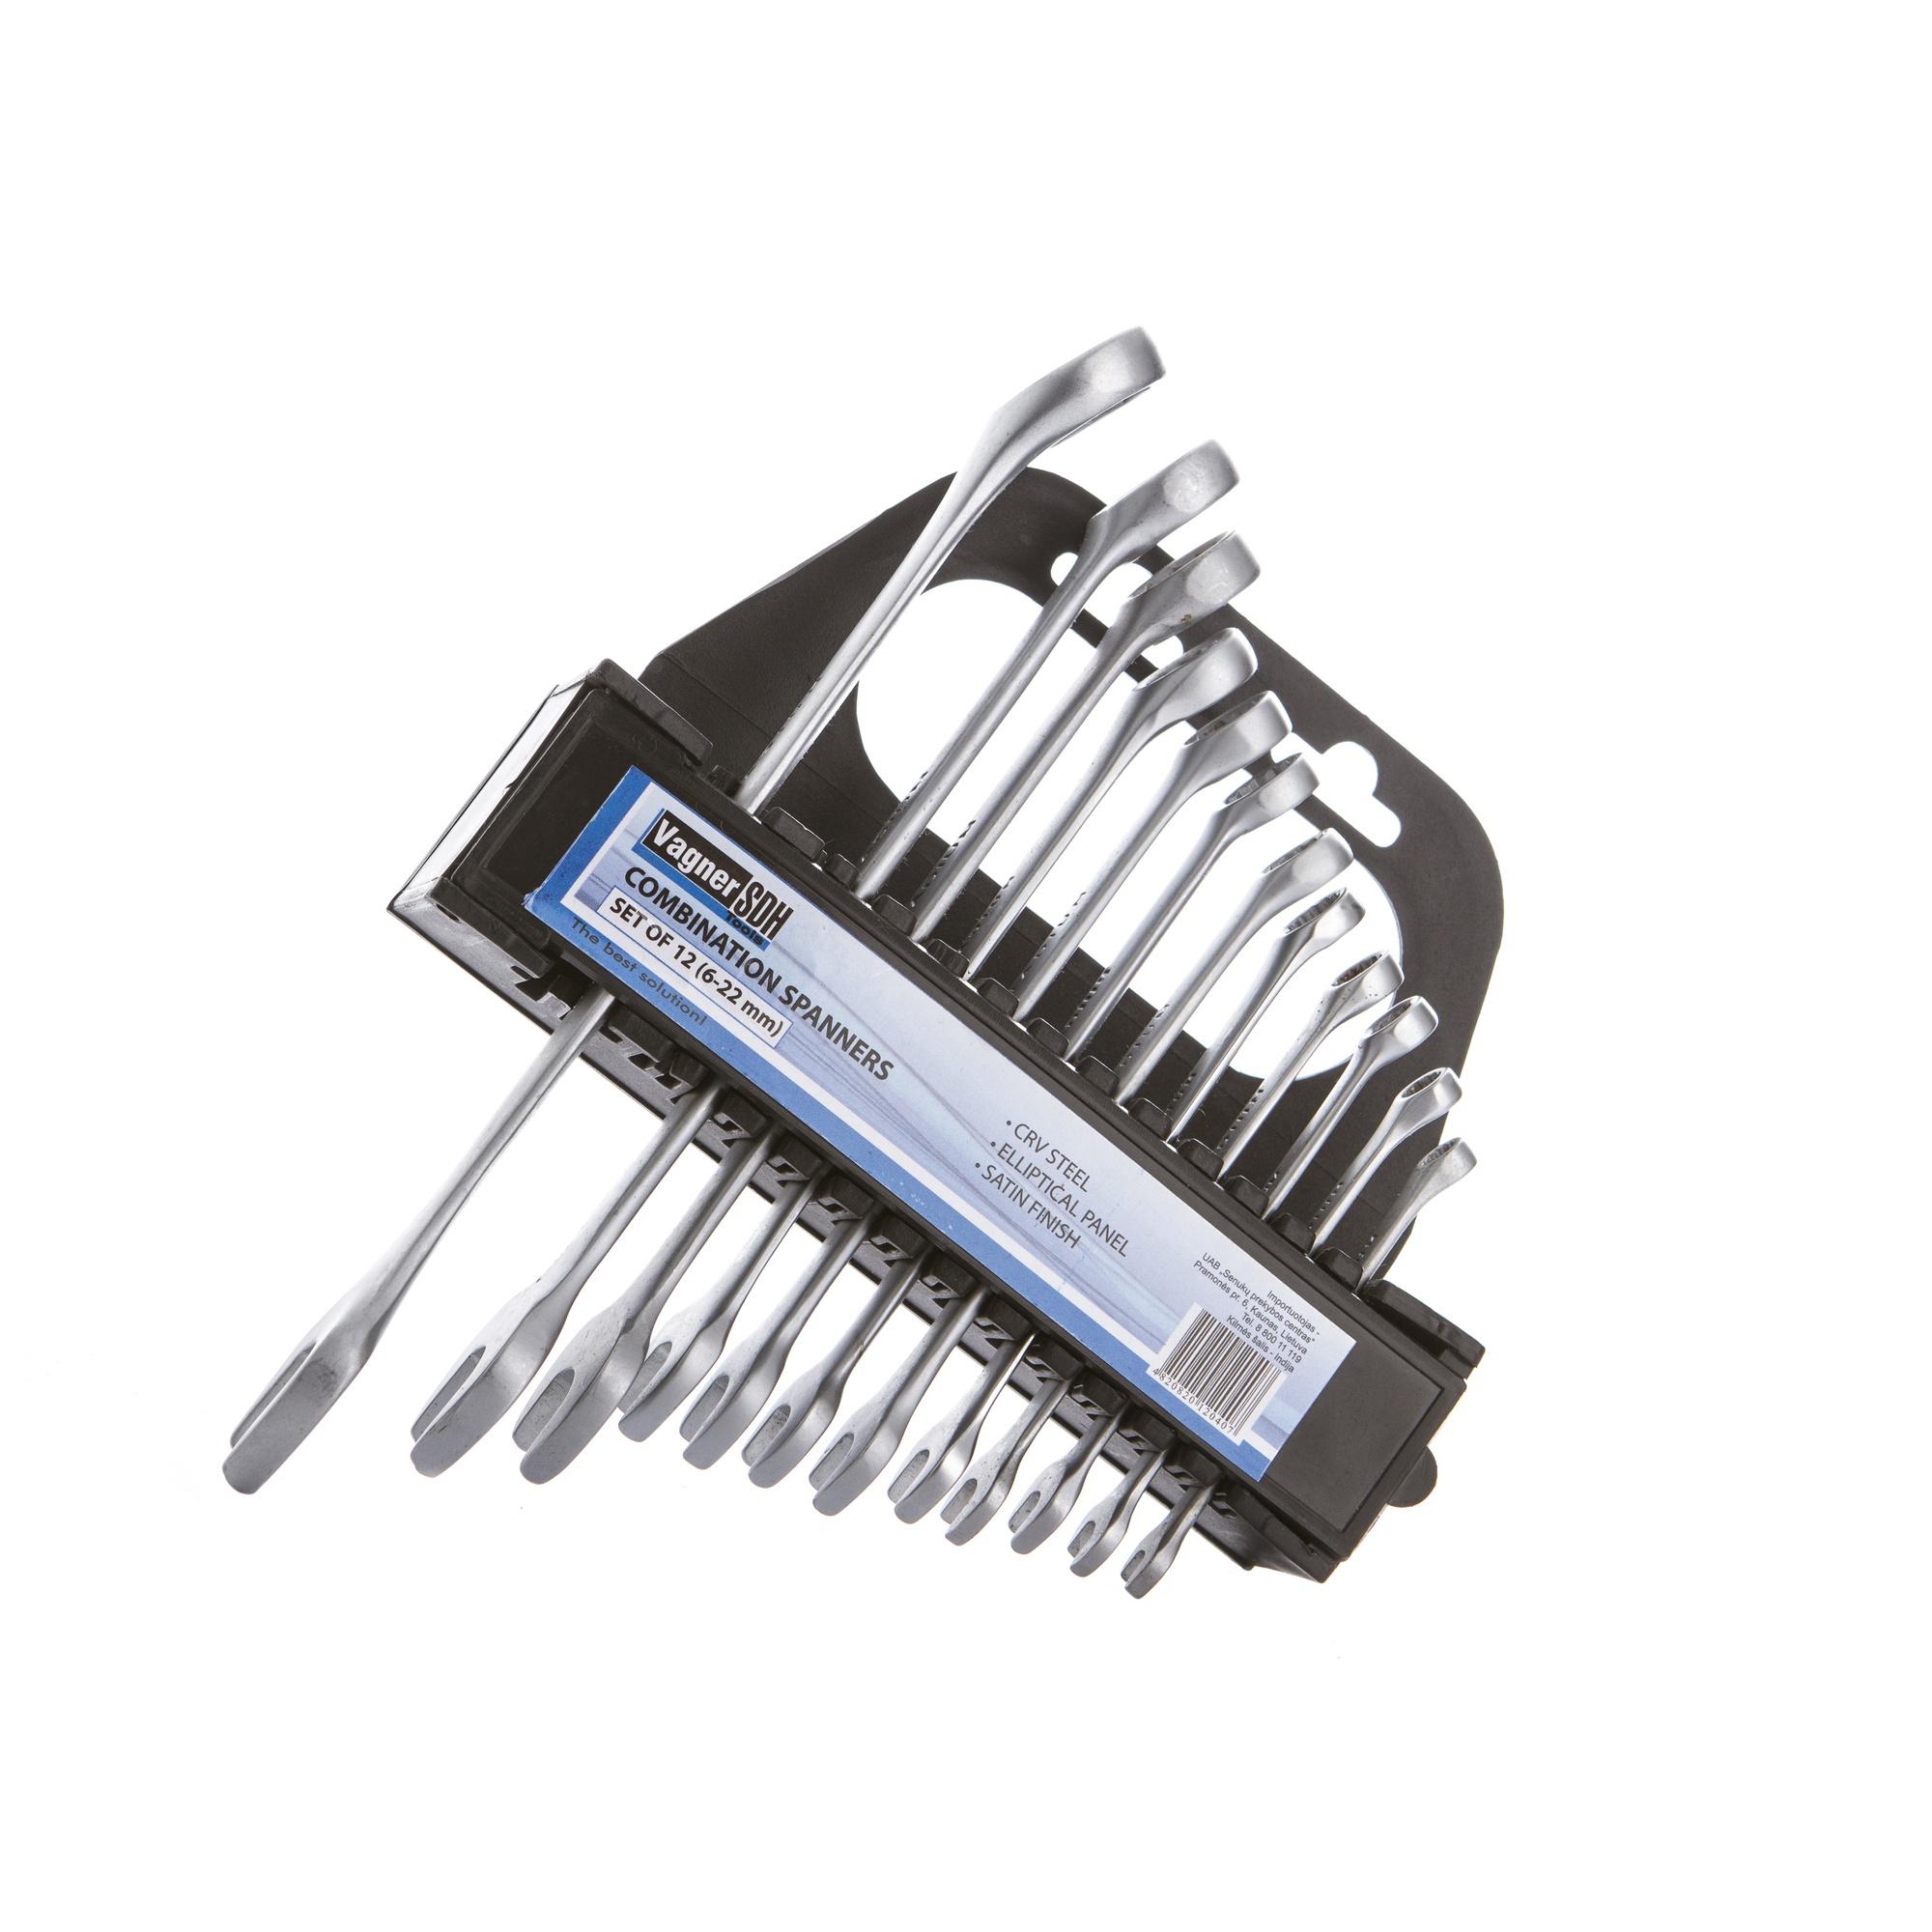 Купить Набор комбинированных ключей VAGNER SDH 50719707, 6-22 мм, 12 штук